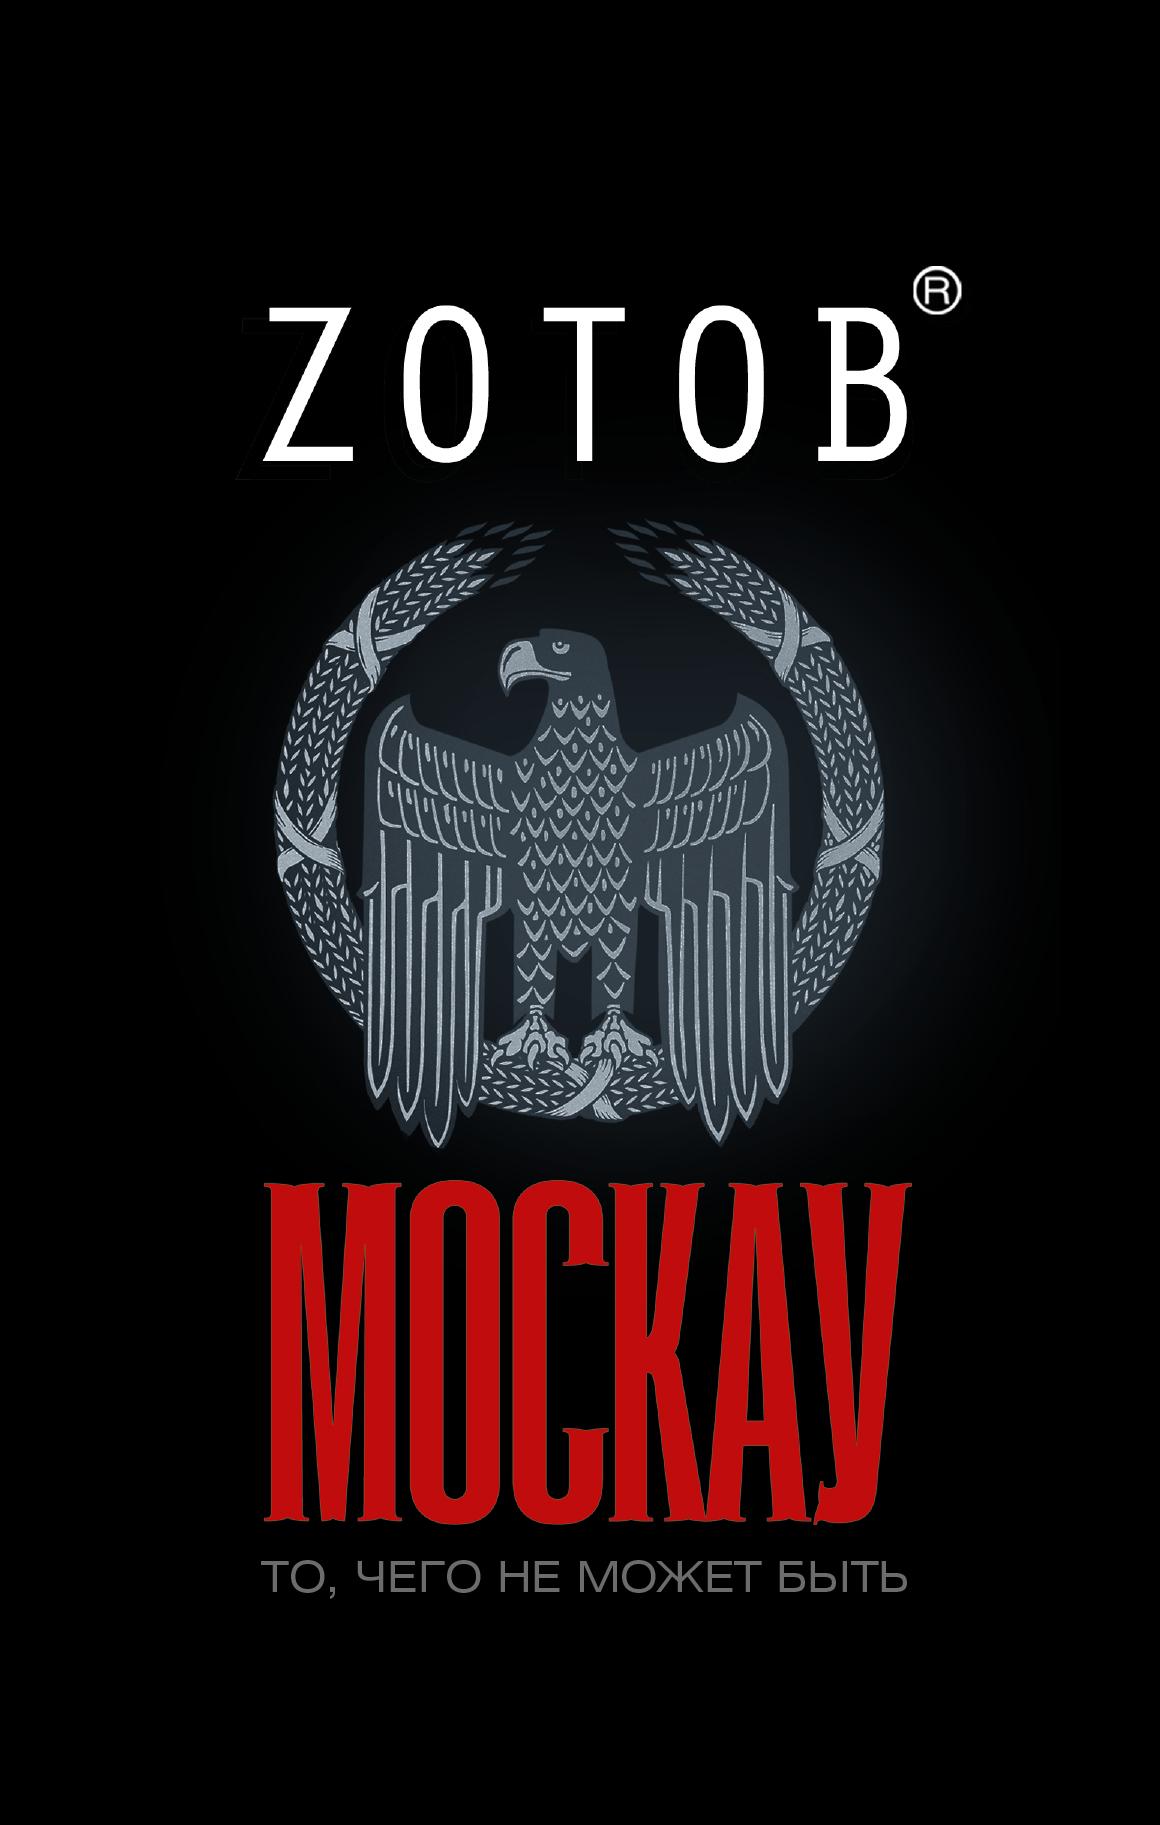 Зотов (Zотов) Г.А. Москау; Сказочник